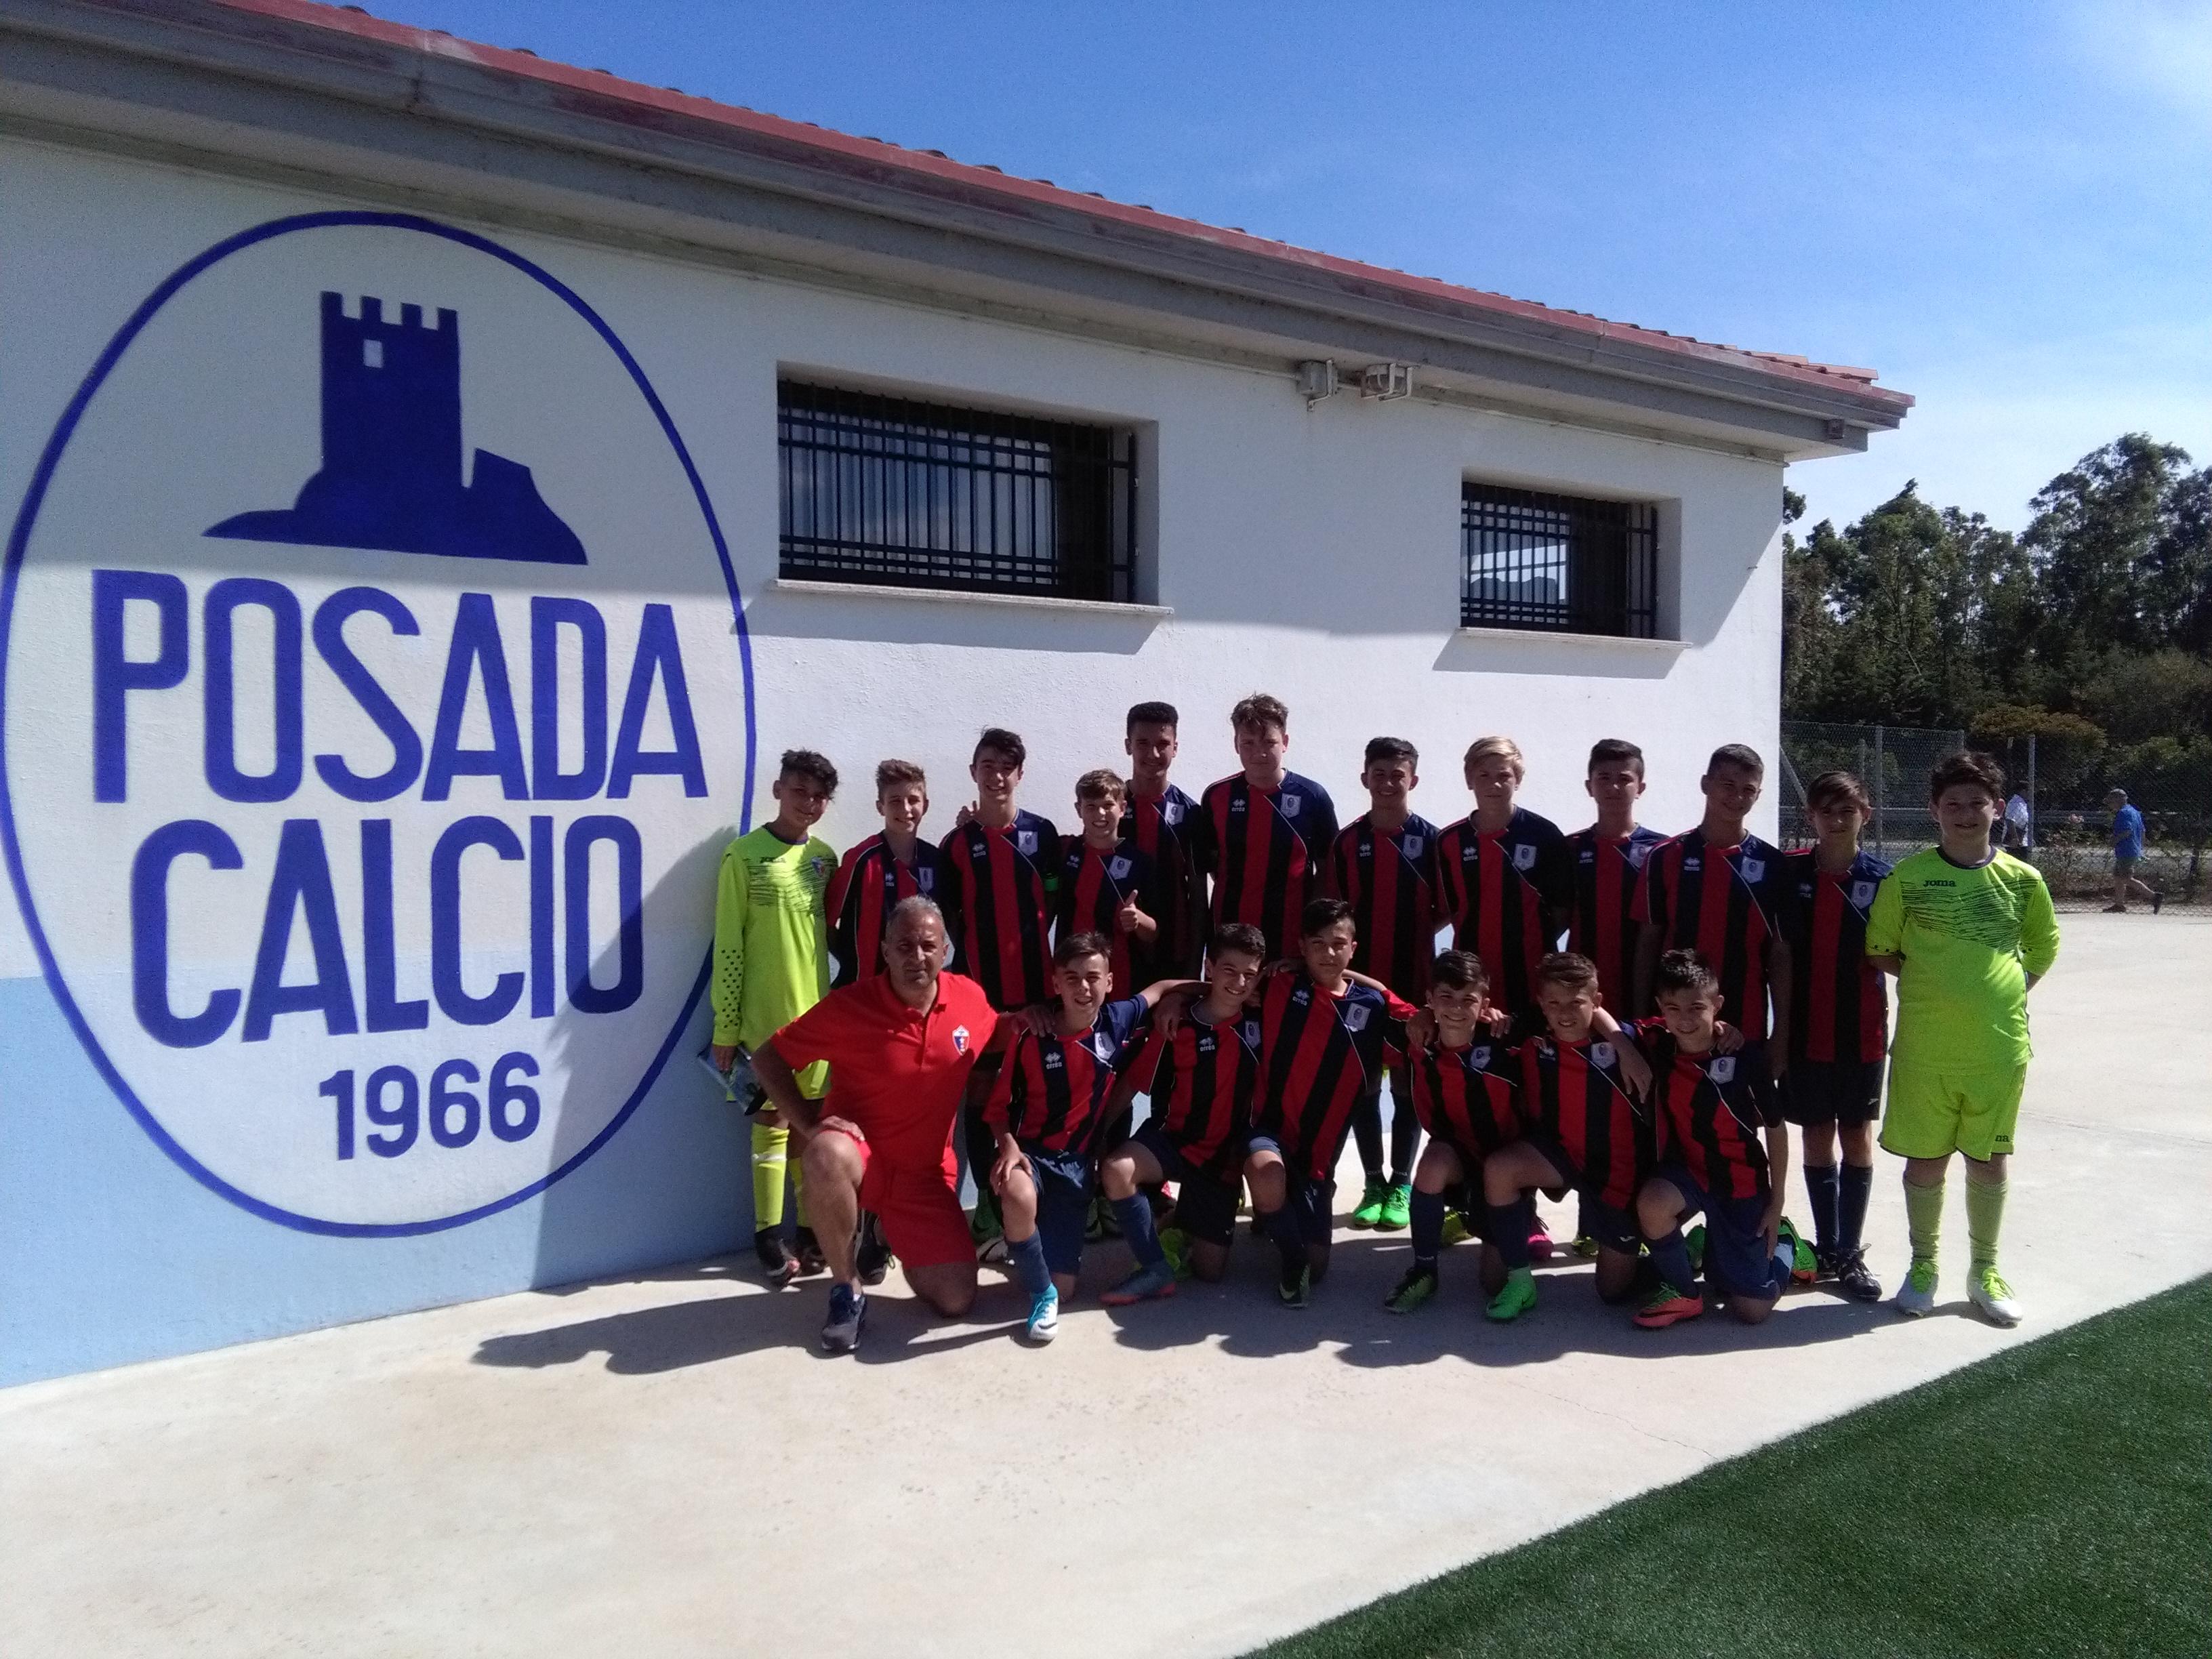 Esordienti 2004 Al 21 Torneo Manlio Selis Vado Fc 1913 Youth We Are